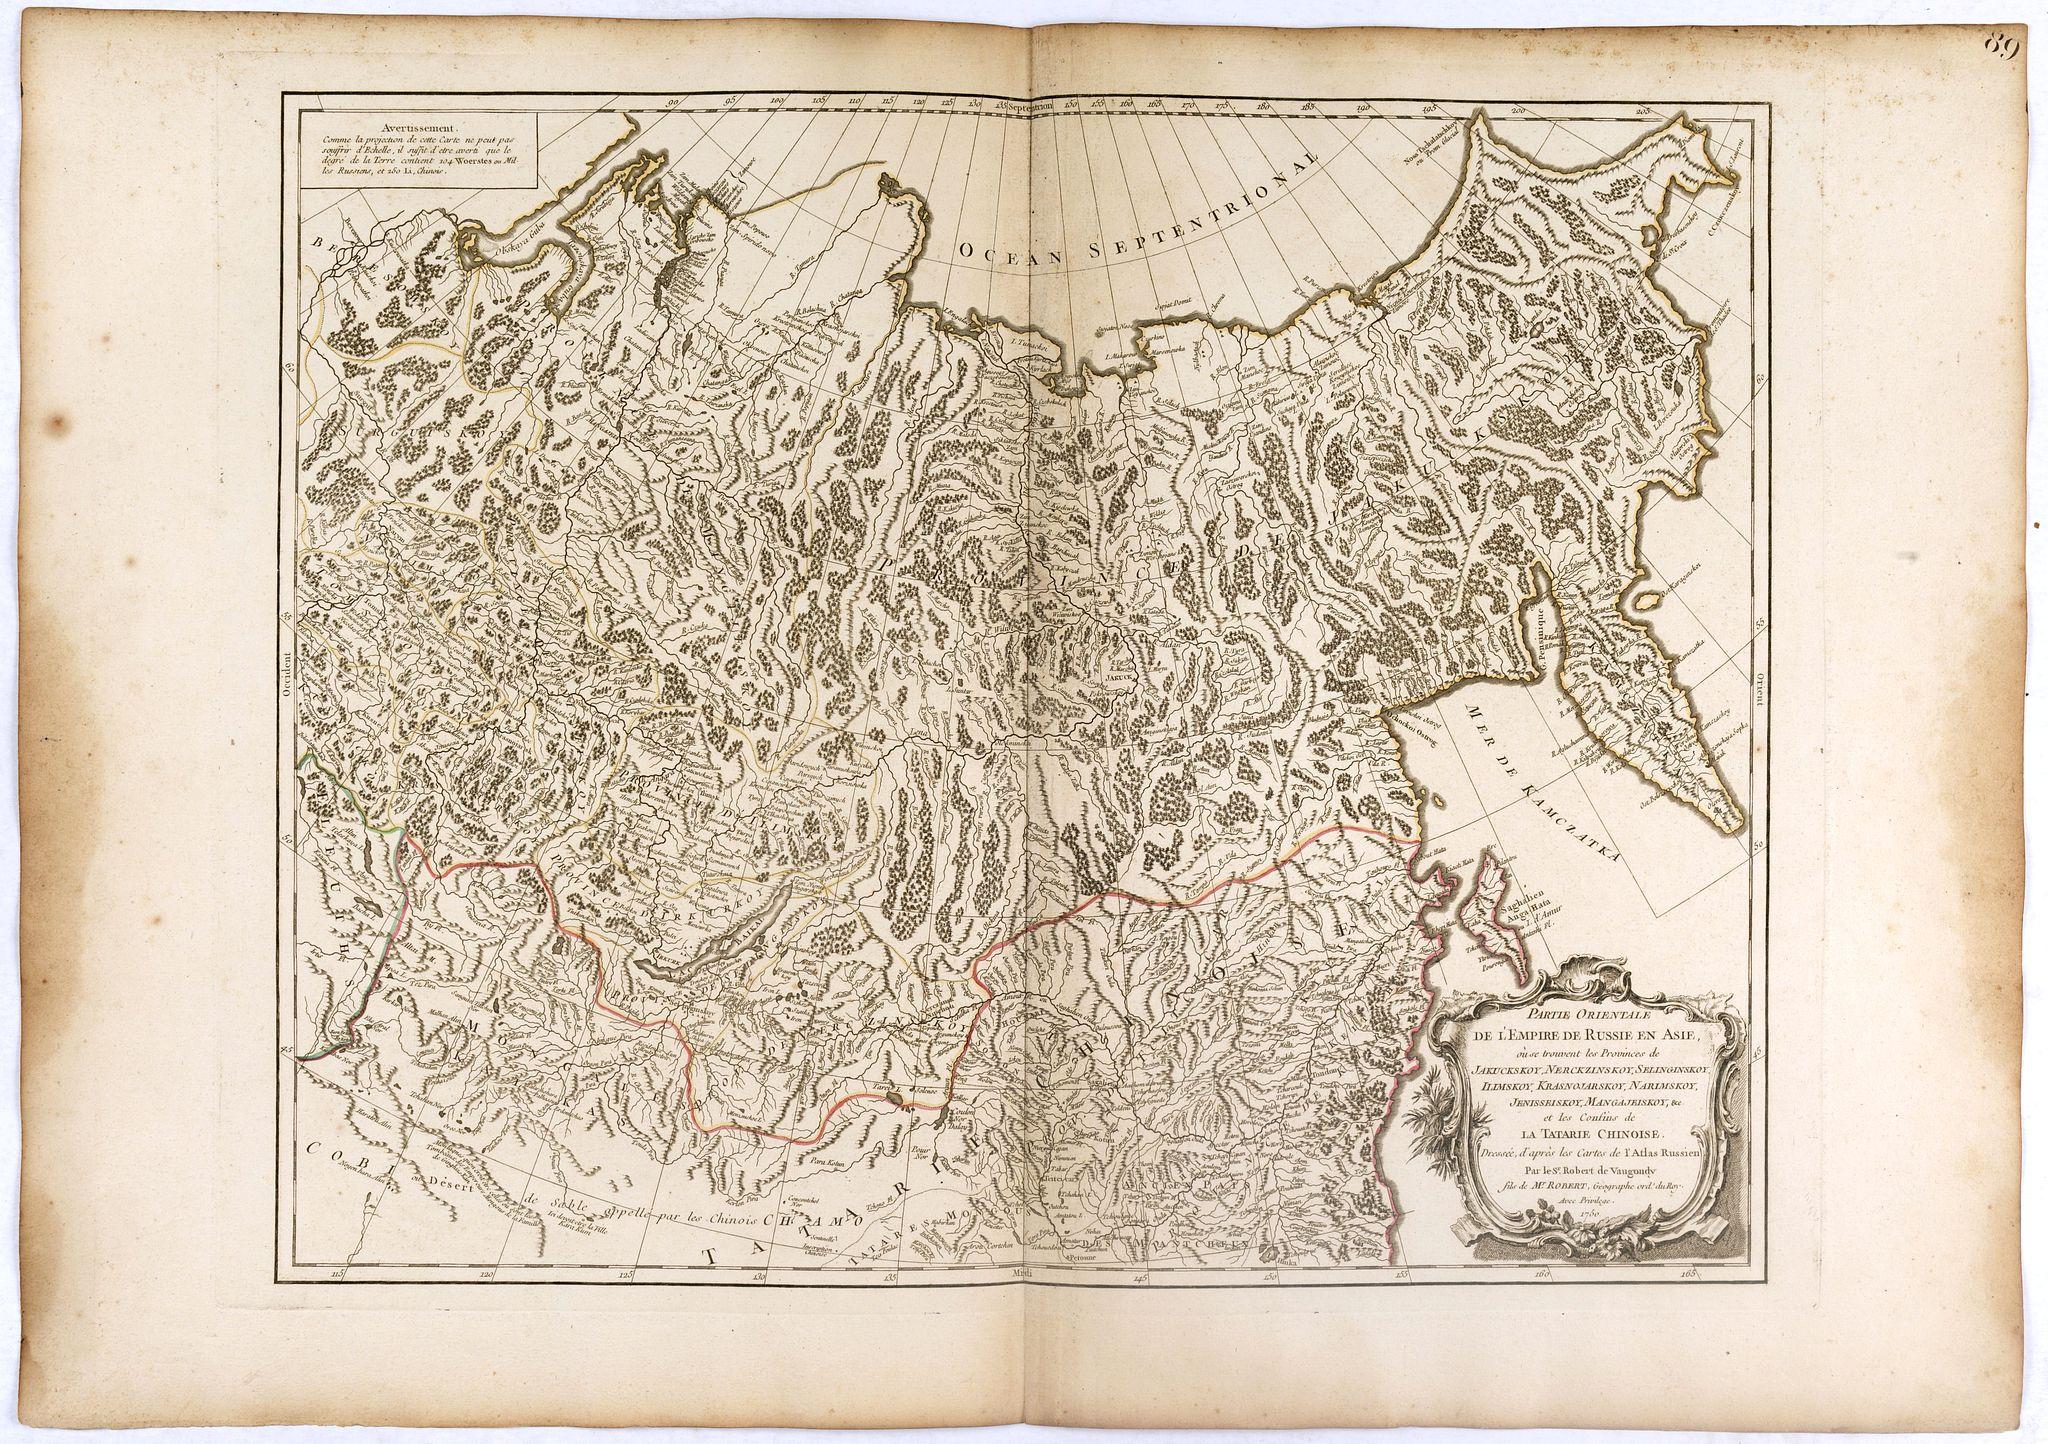 ROBERT DE VAUGONDY, G. -  Partie Orientale de l'Empire de Russie en Asie.. et les Confins de la Tatarie Chinoise. . .